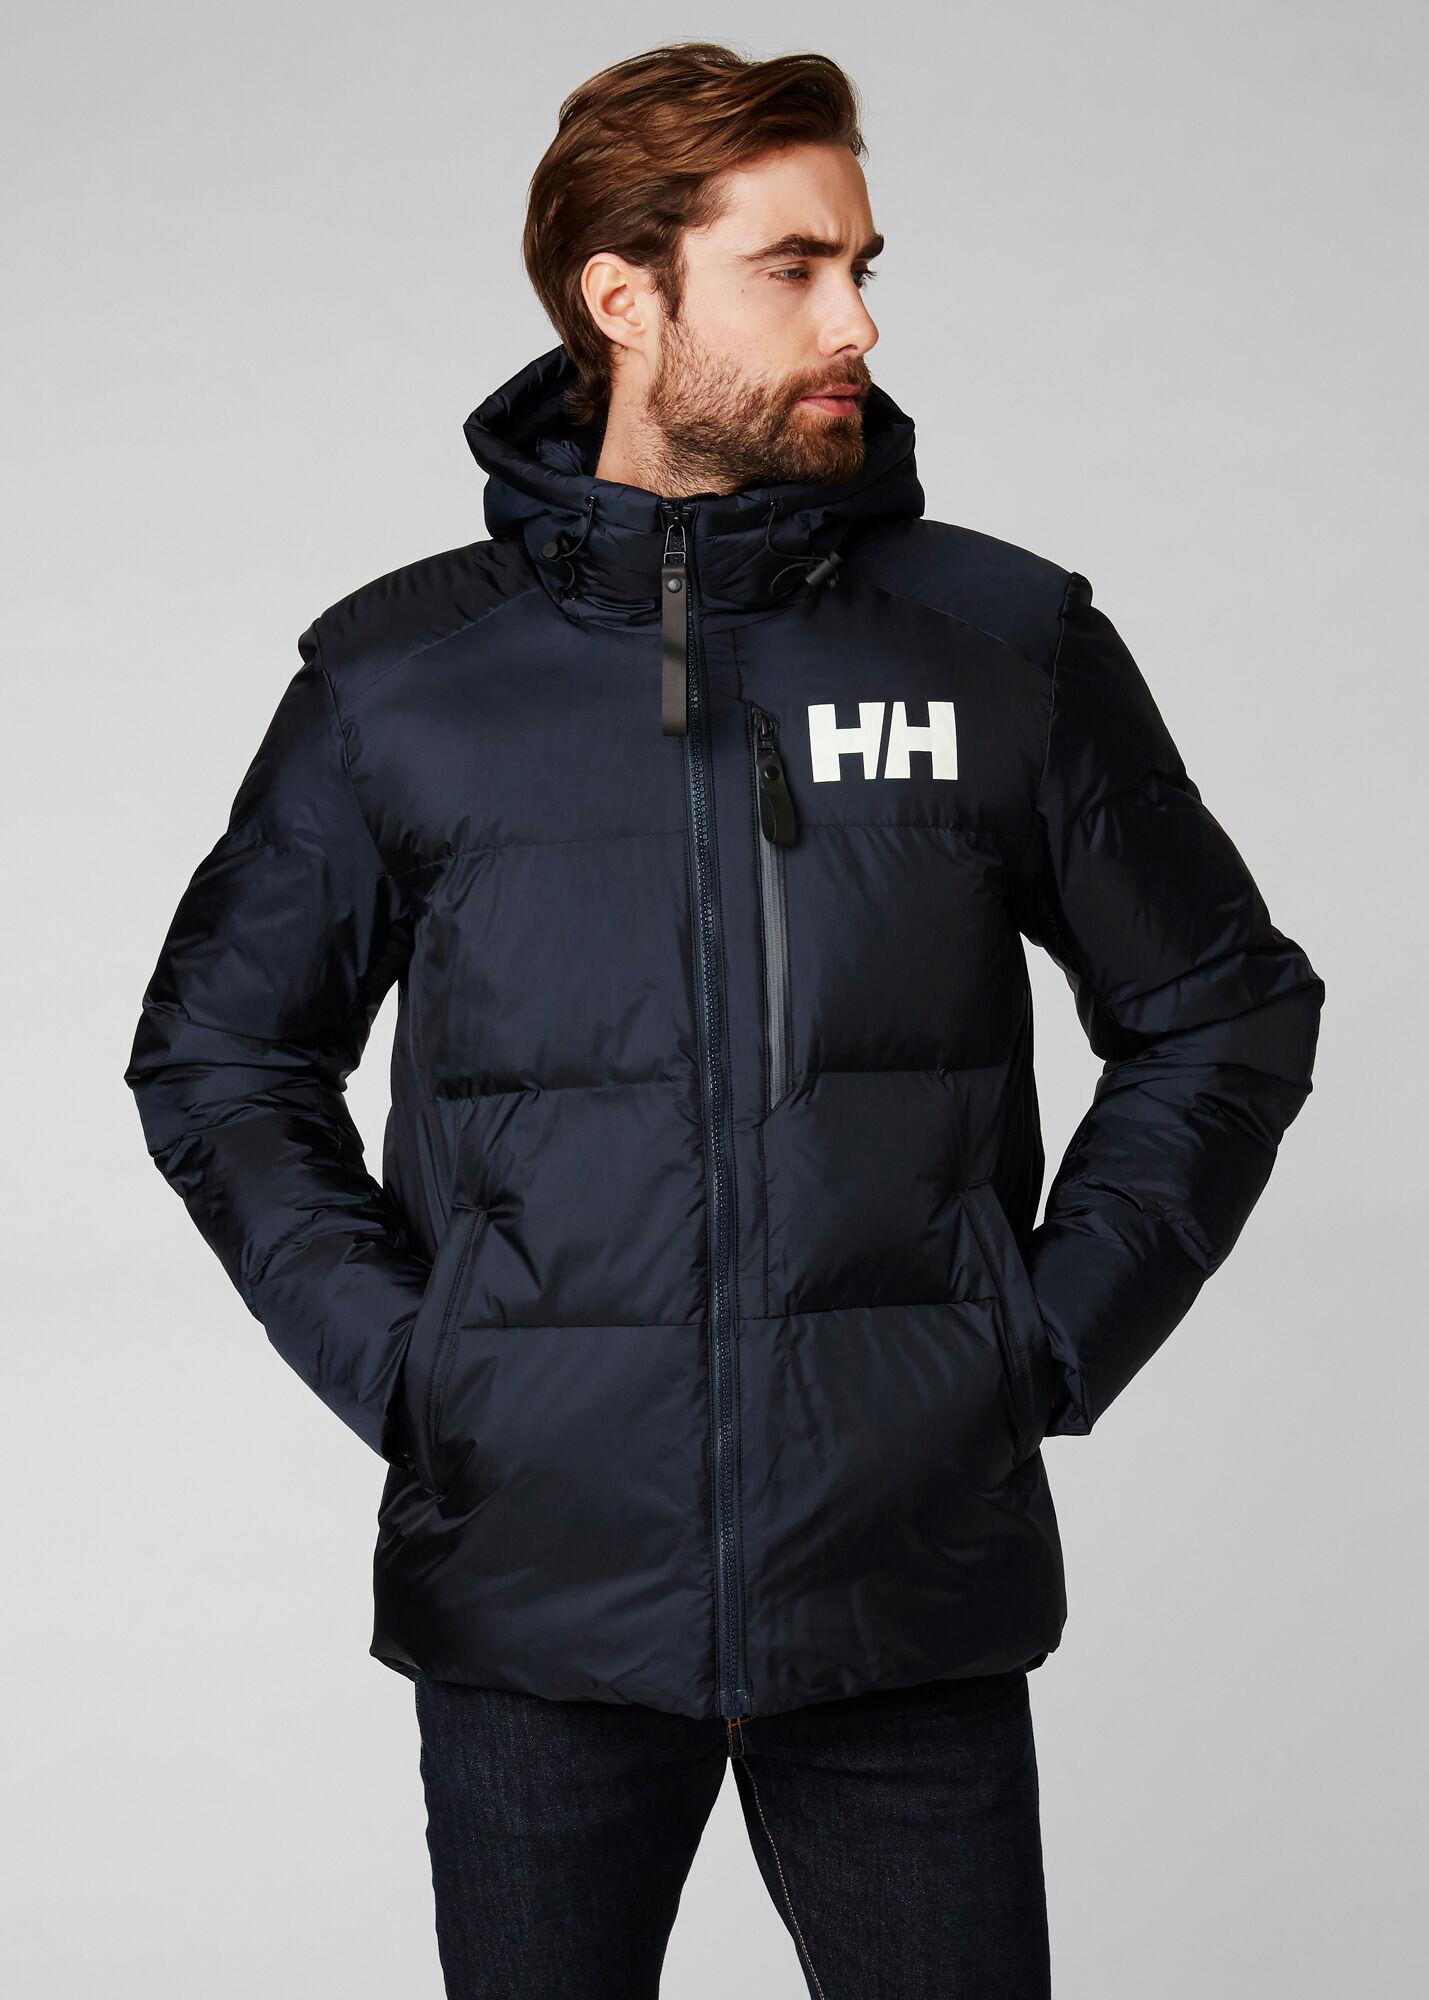 Helly Hansen Férfi Kabátok | Széles választék és a legjobb